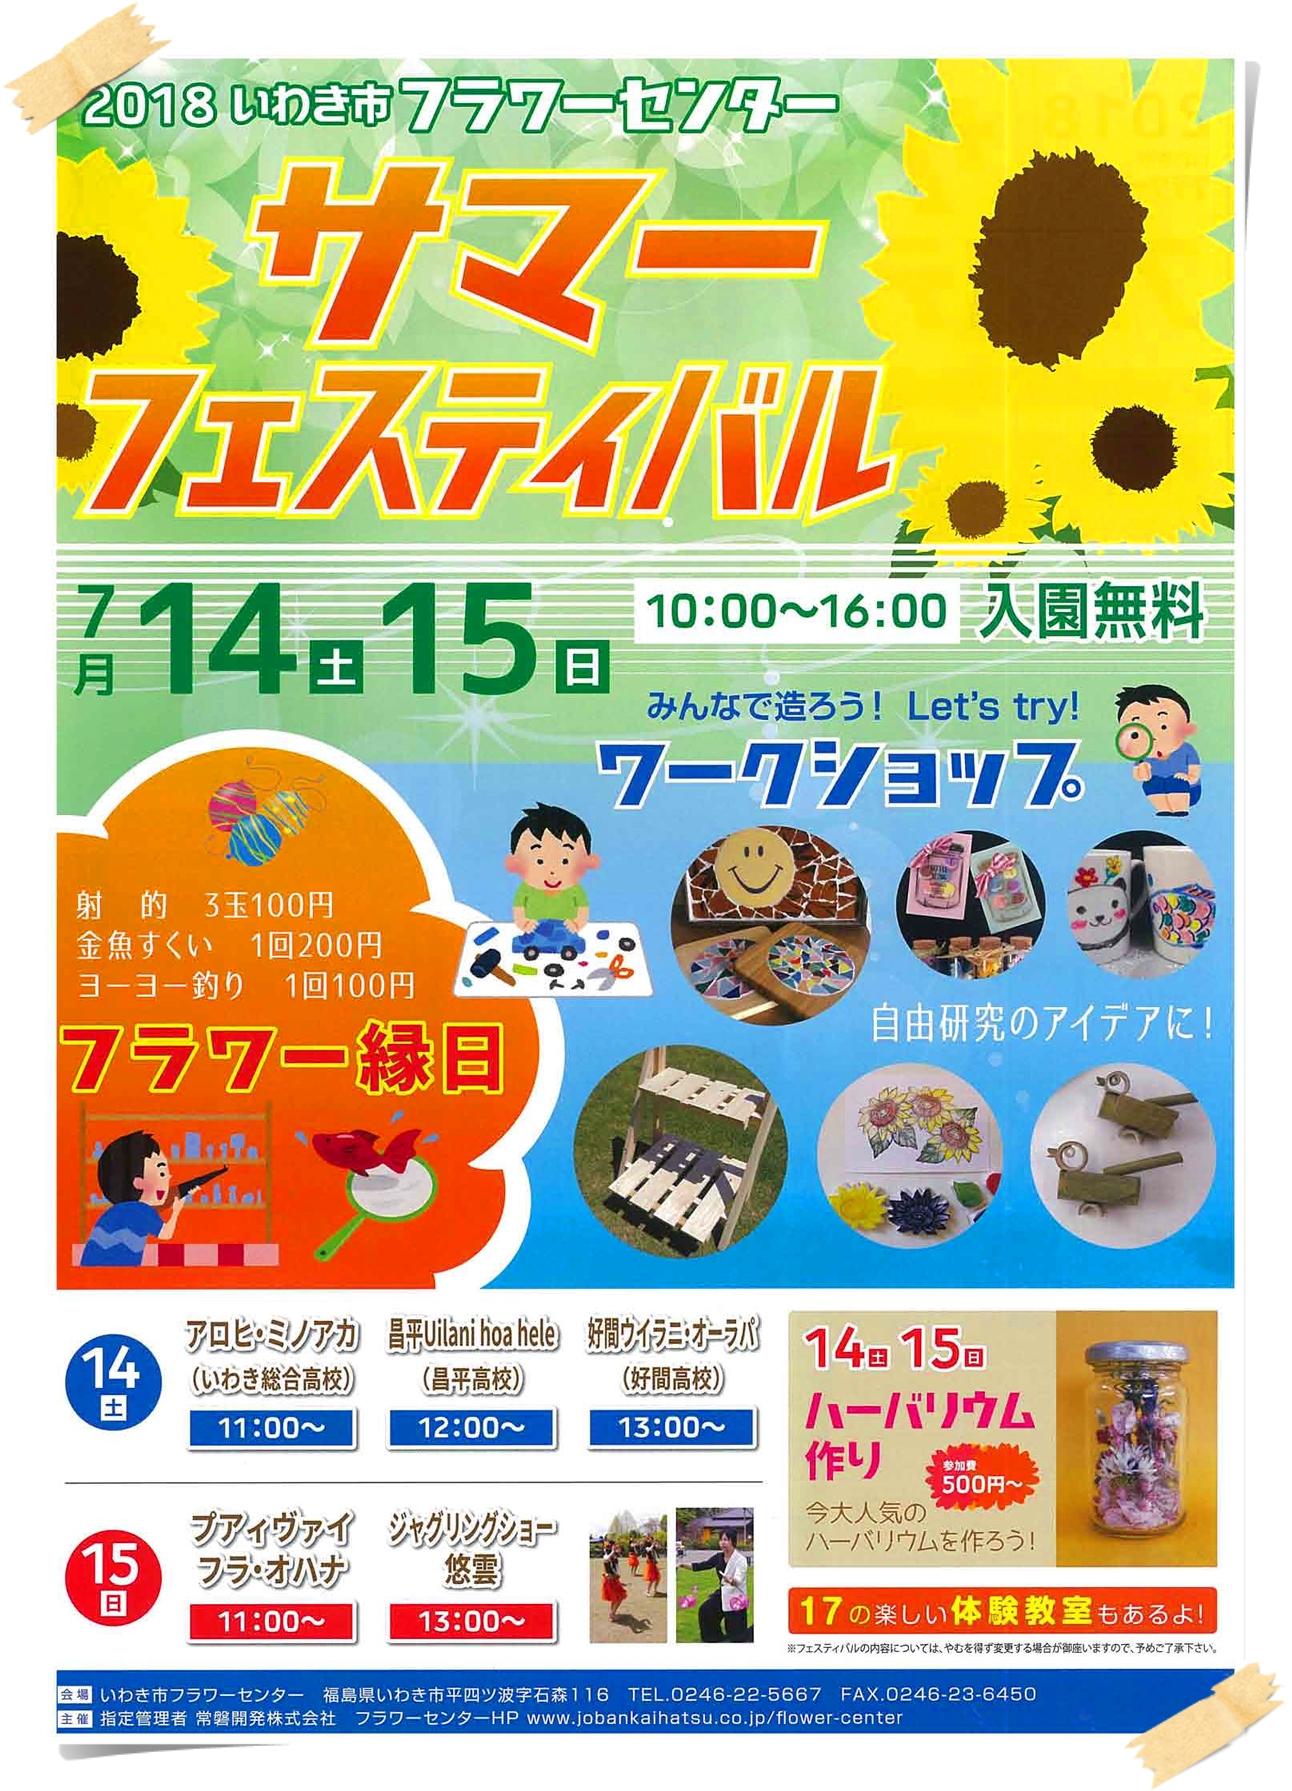 いわき市フラワーセンター「サマーフェスティバル」今週末開催! [平成30年7月9日(月)更新]1